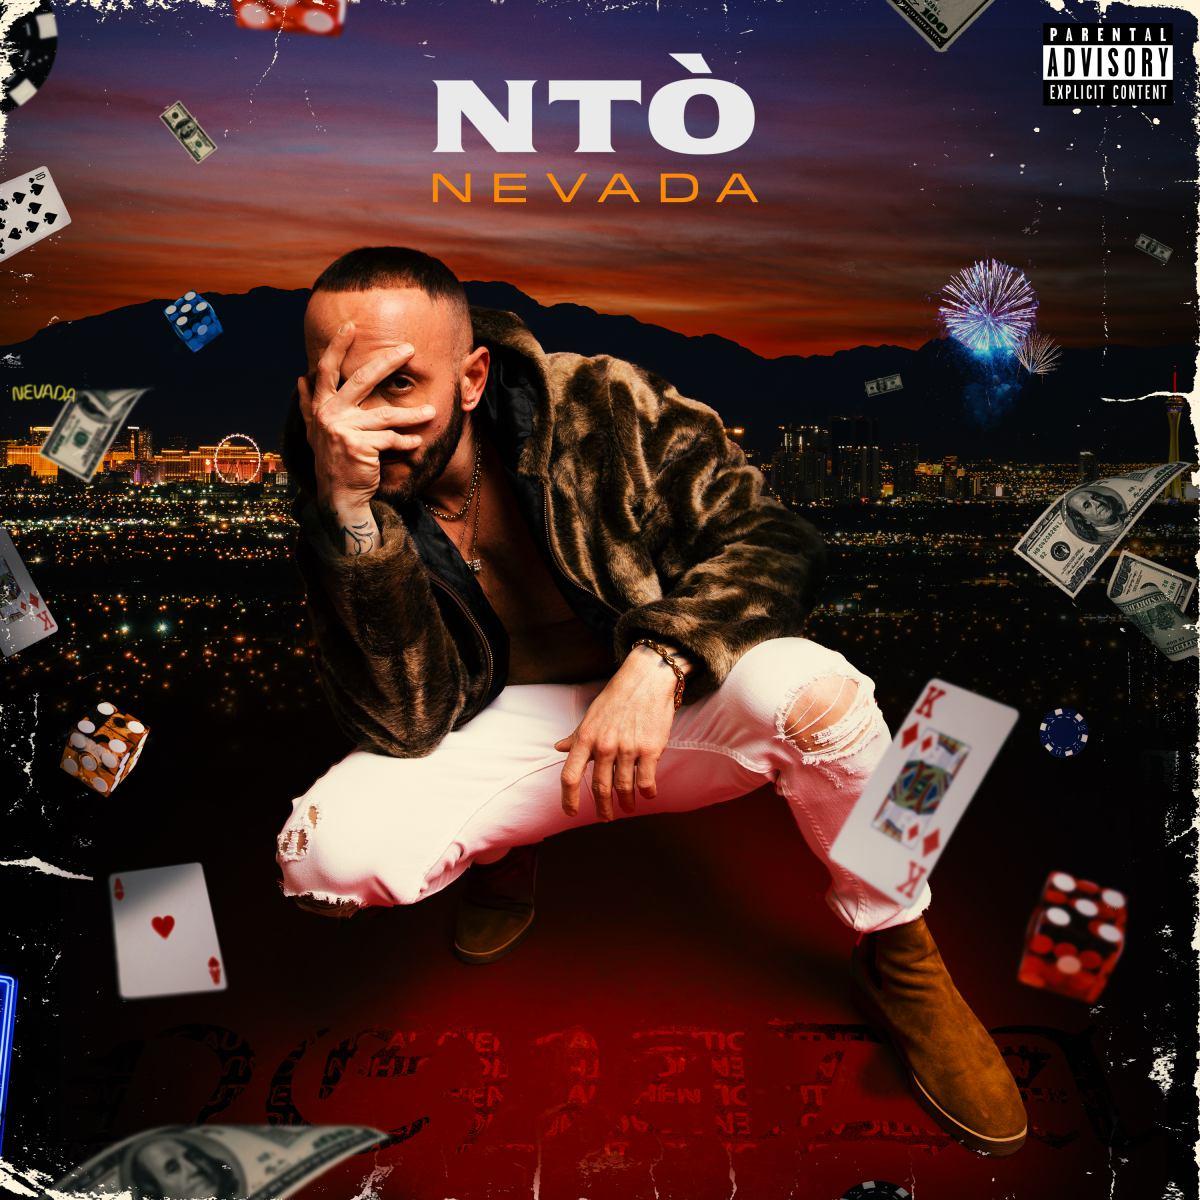 NEVADA COVER